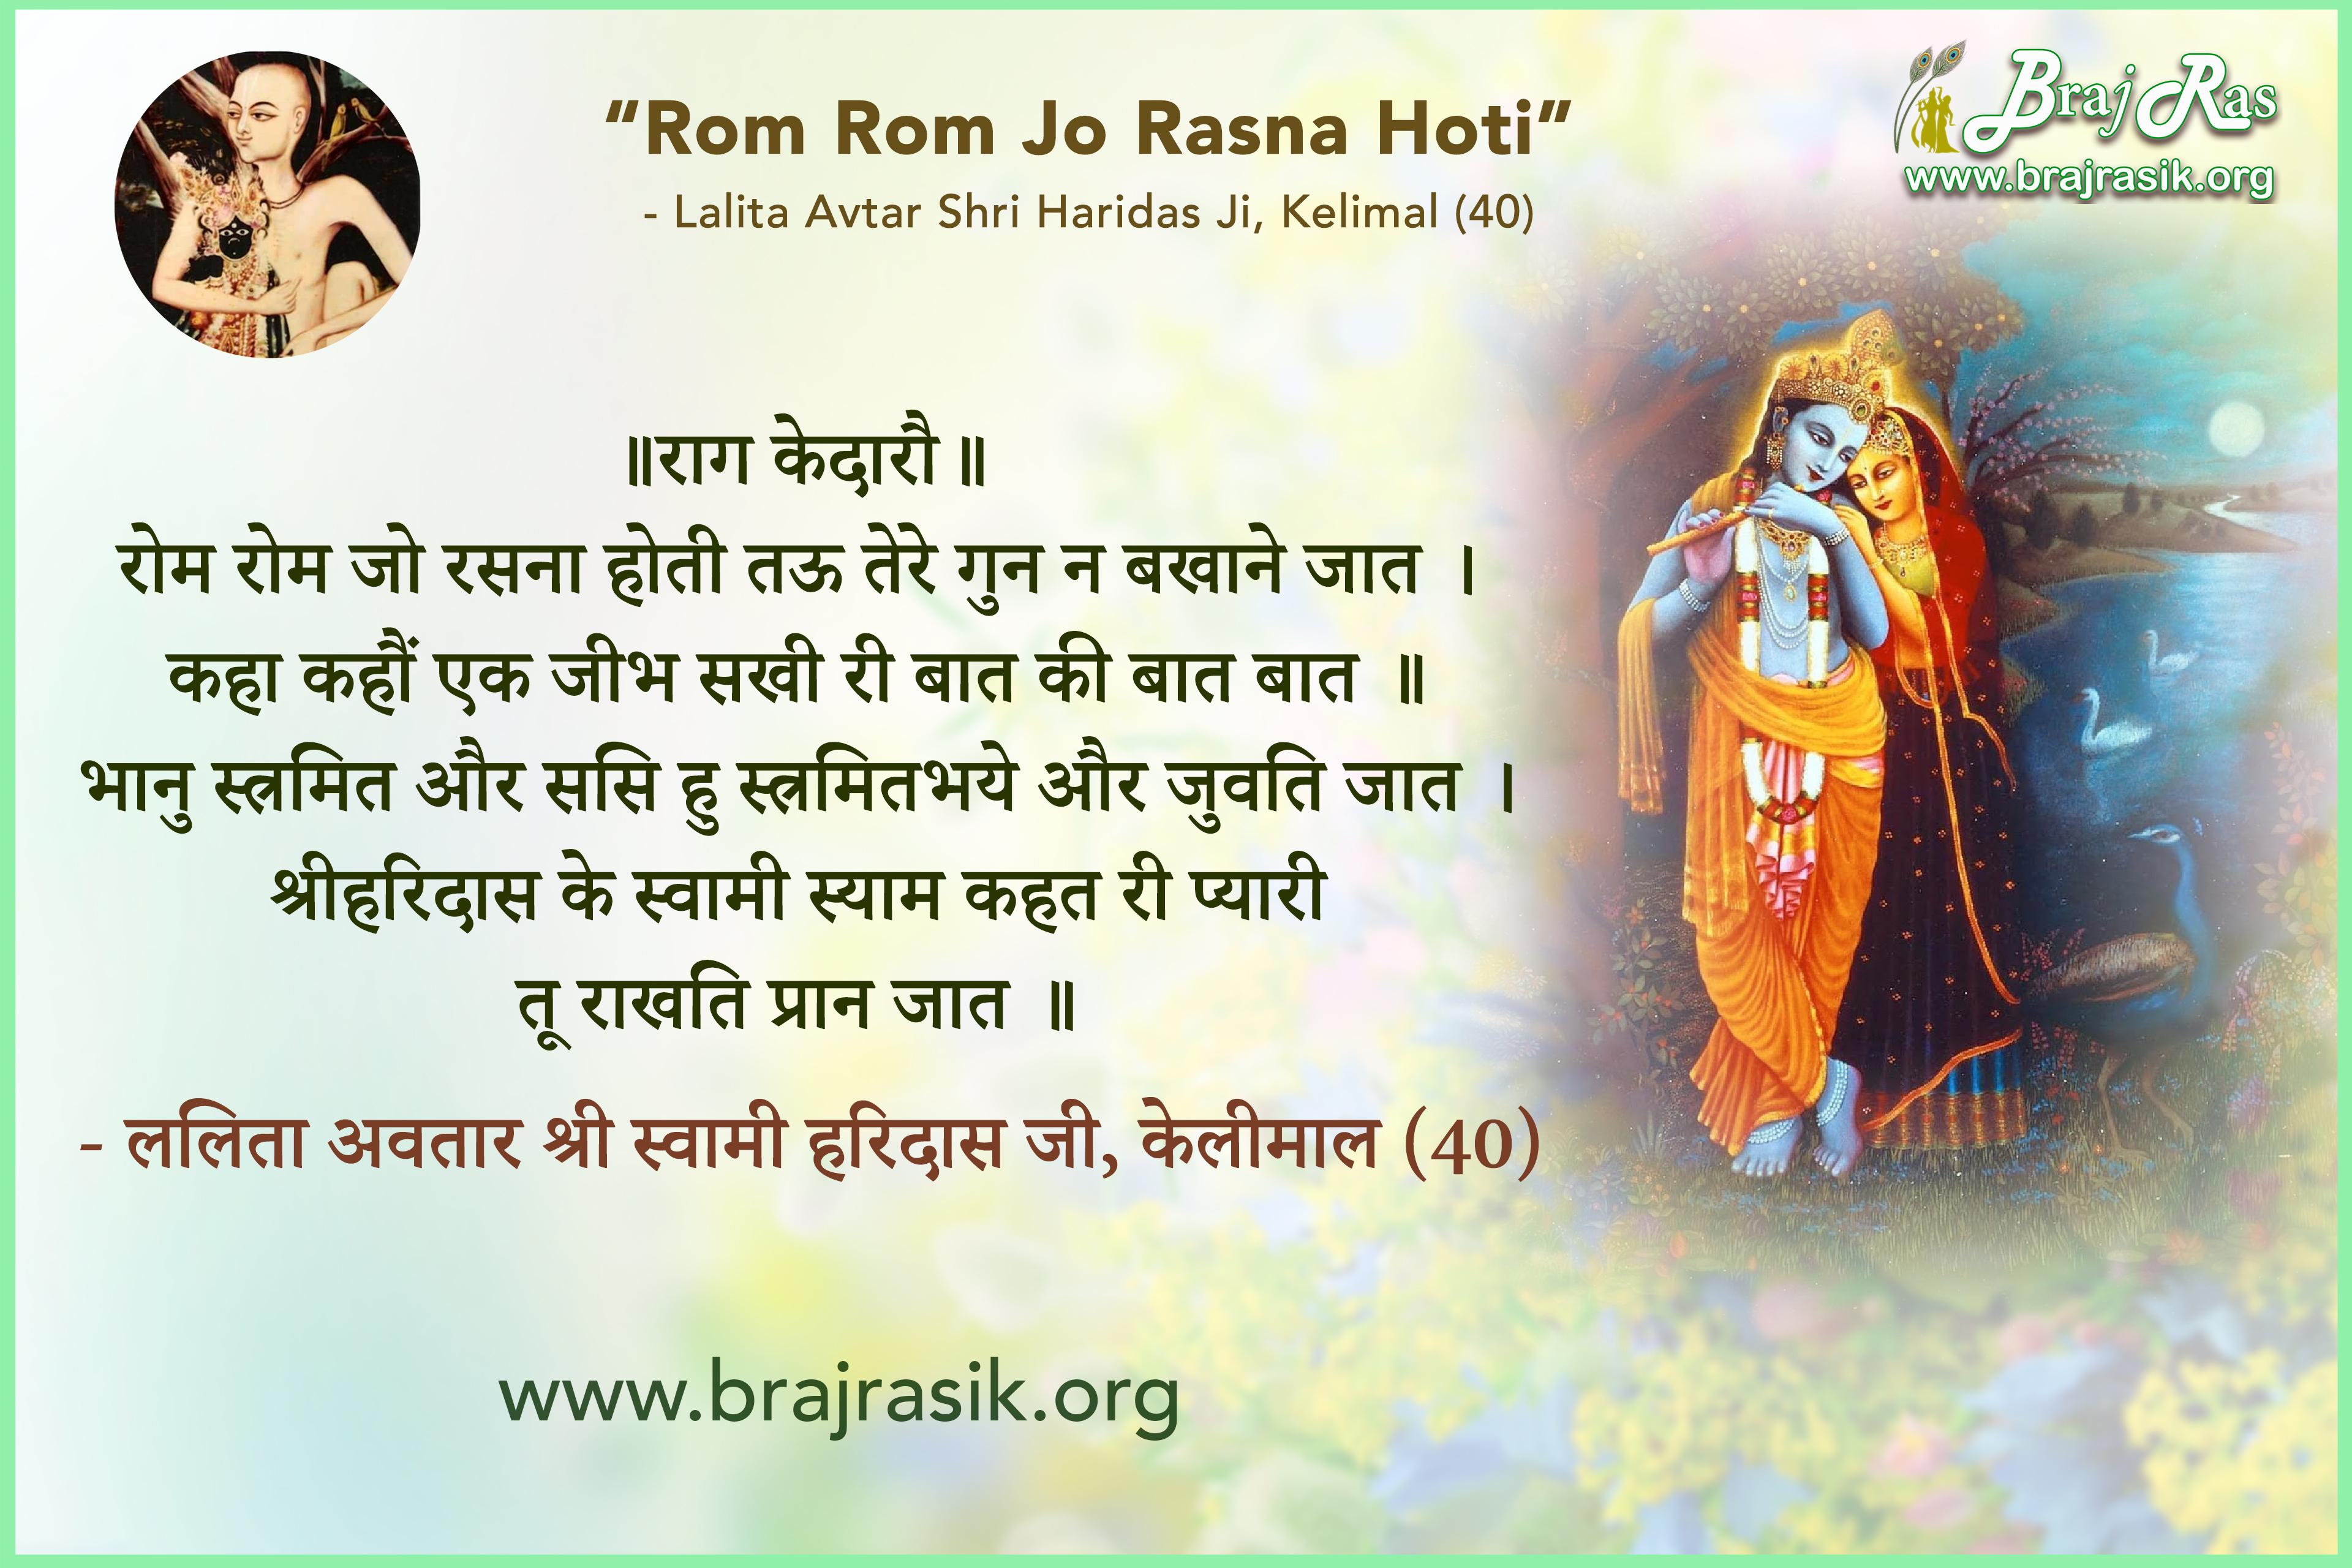 Rom Rom Rasna Jo Hoti, Tau Tere Gun Na Bakhane -  Shri Swami Haridas Ji, Kelimal (40)